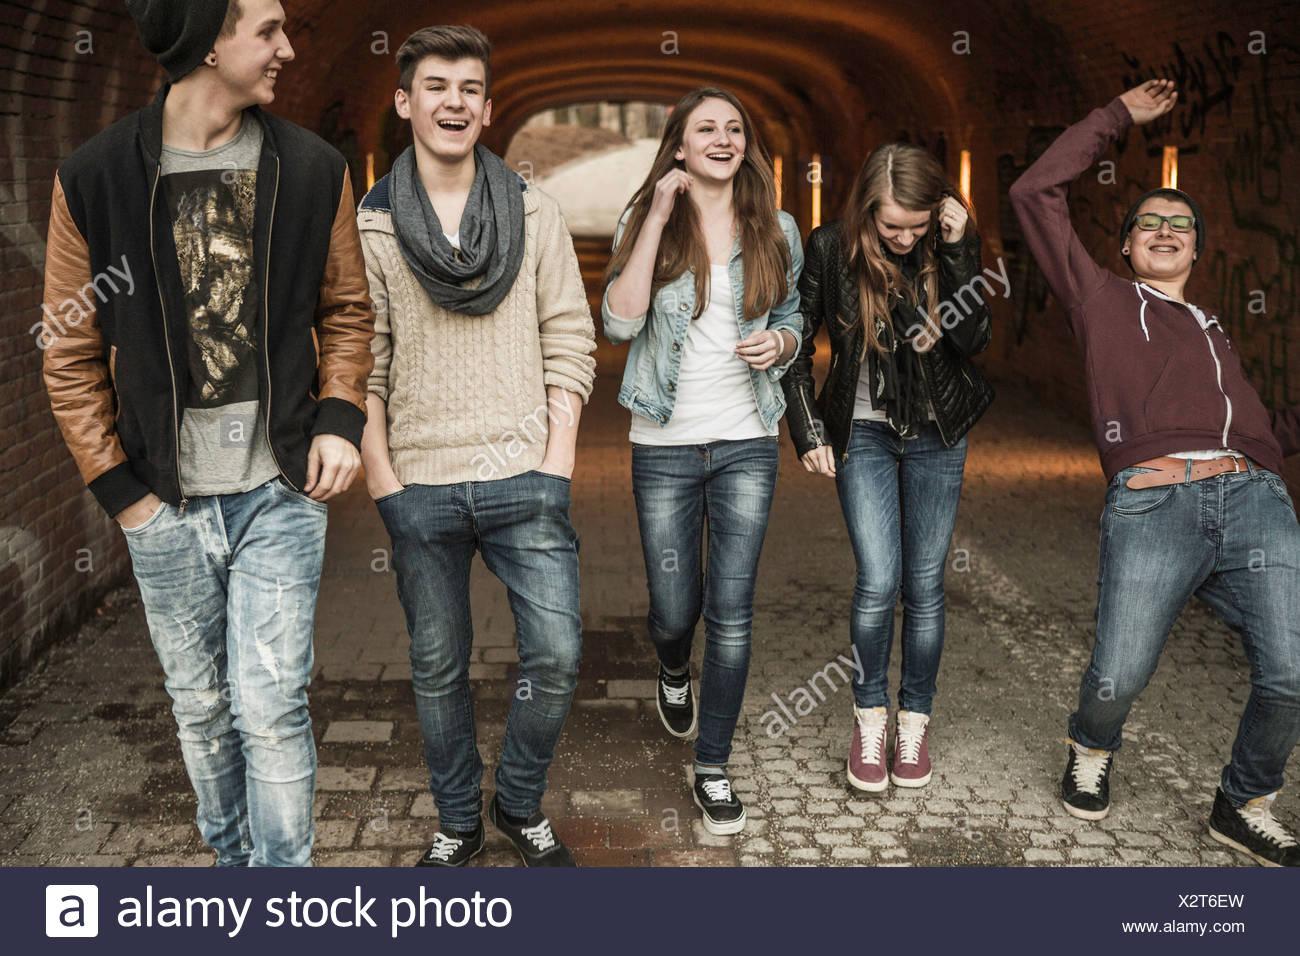 Cinq adolescents walking through tunnel de rire et plaisanter Photo Stock